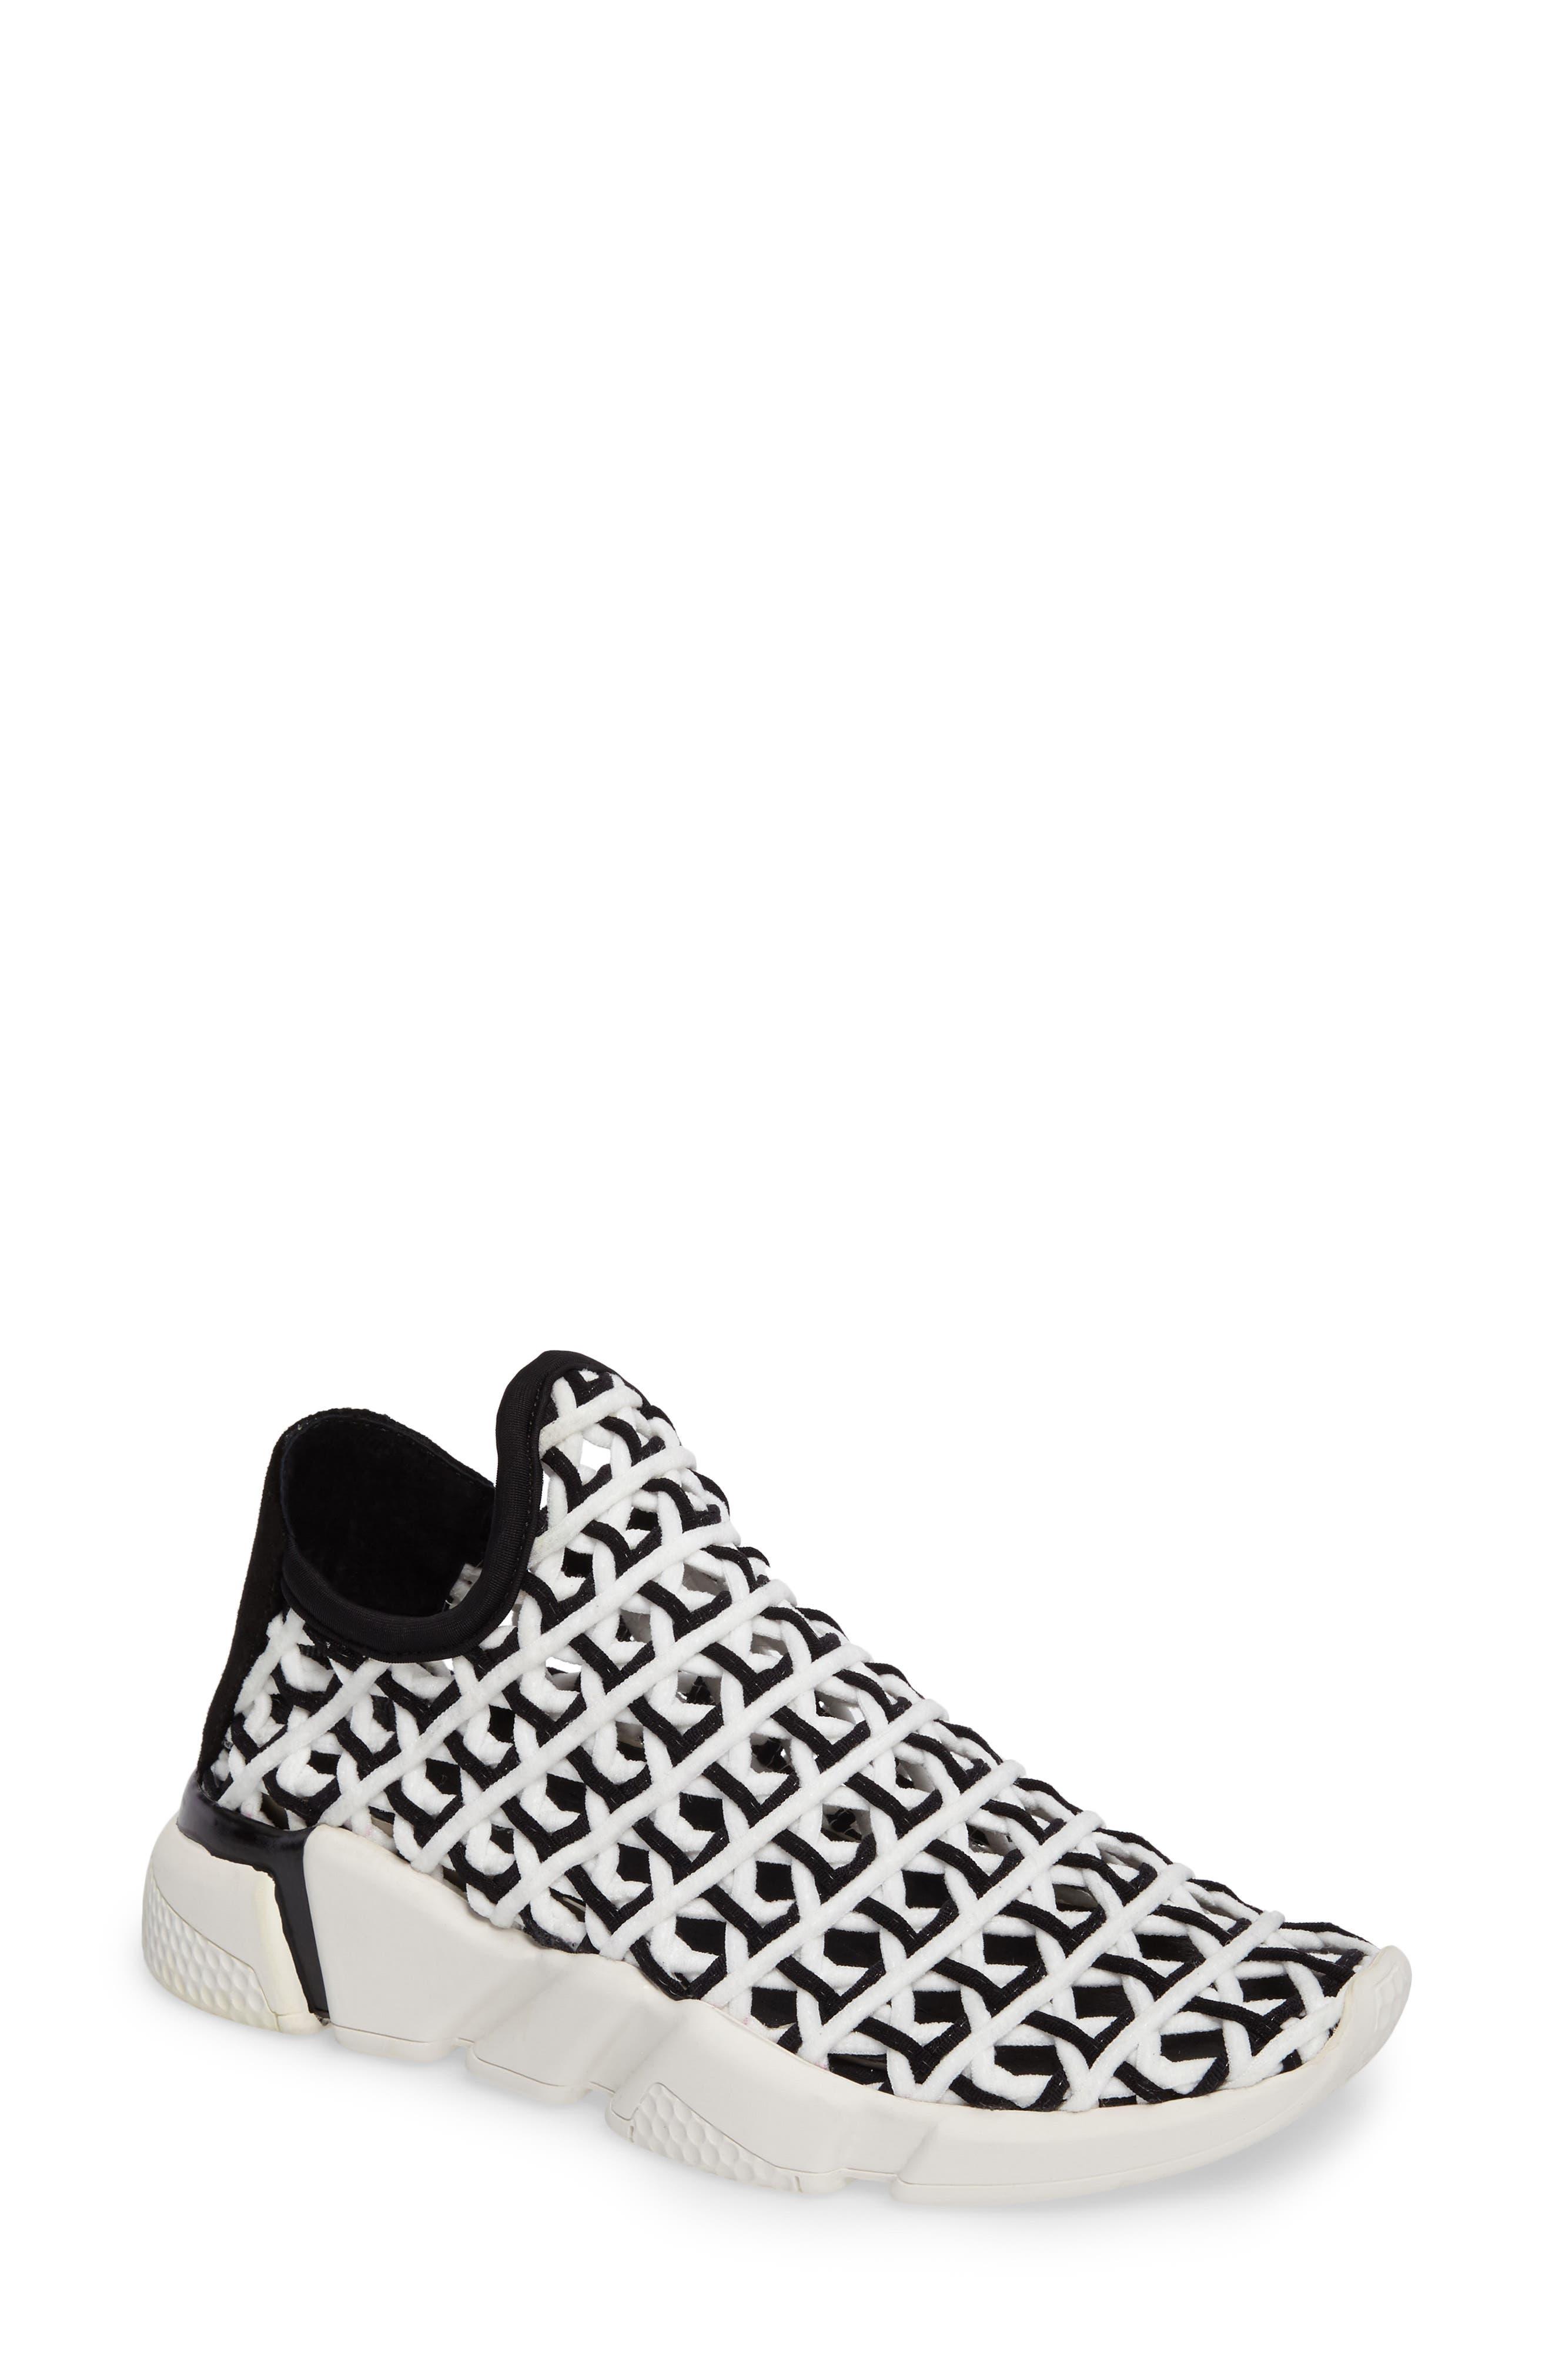 Slip-On Sneaker,                             Main thumbnail 1, color,                             White Black White